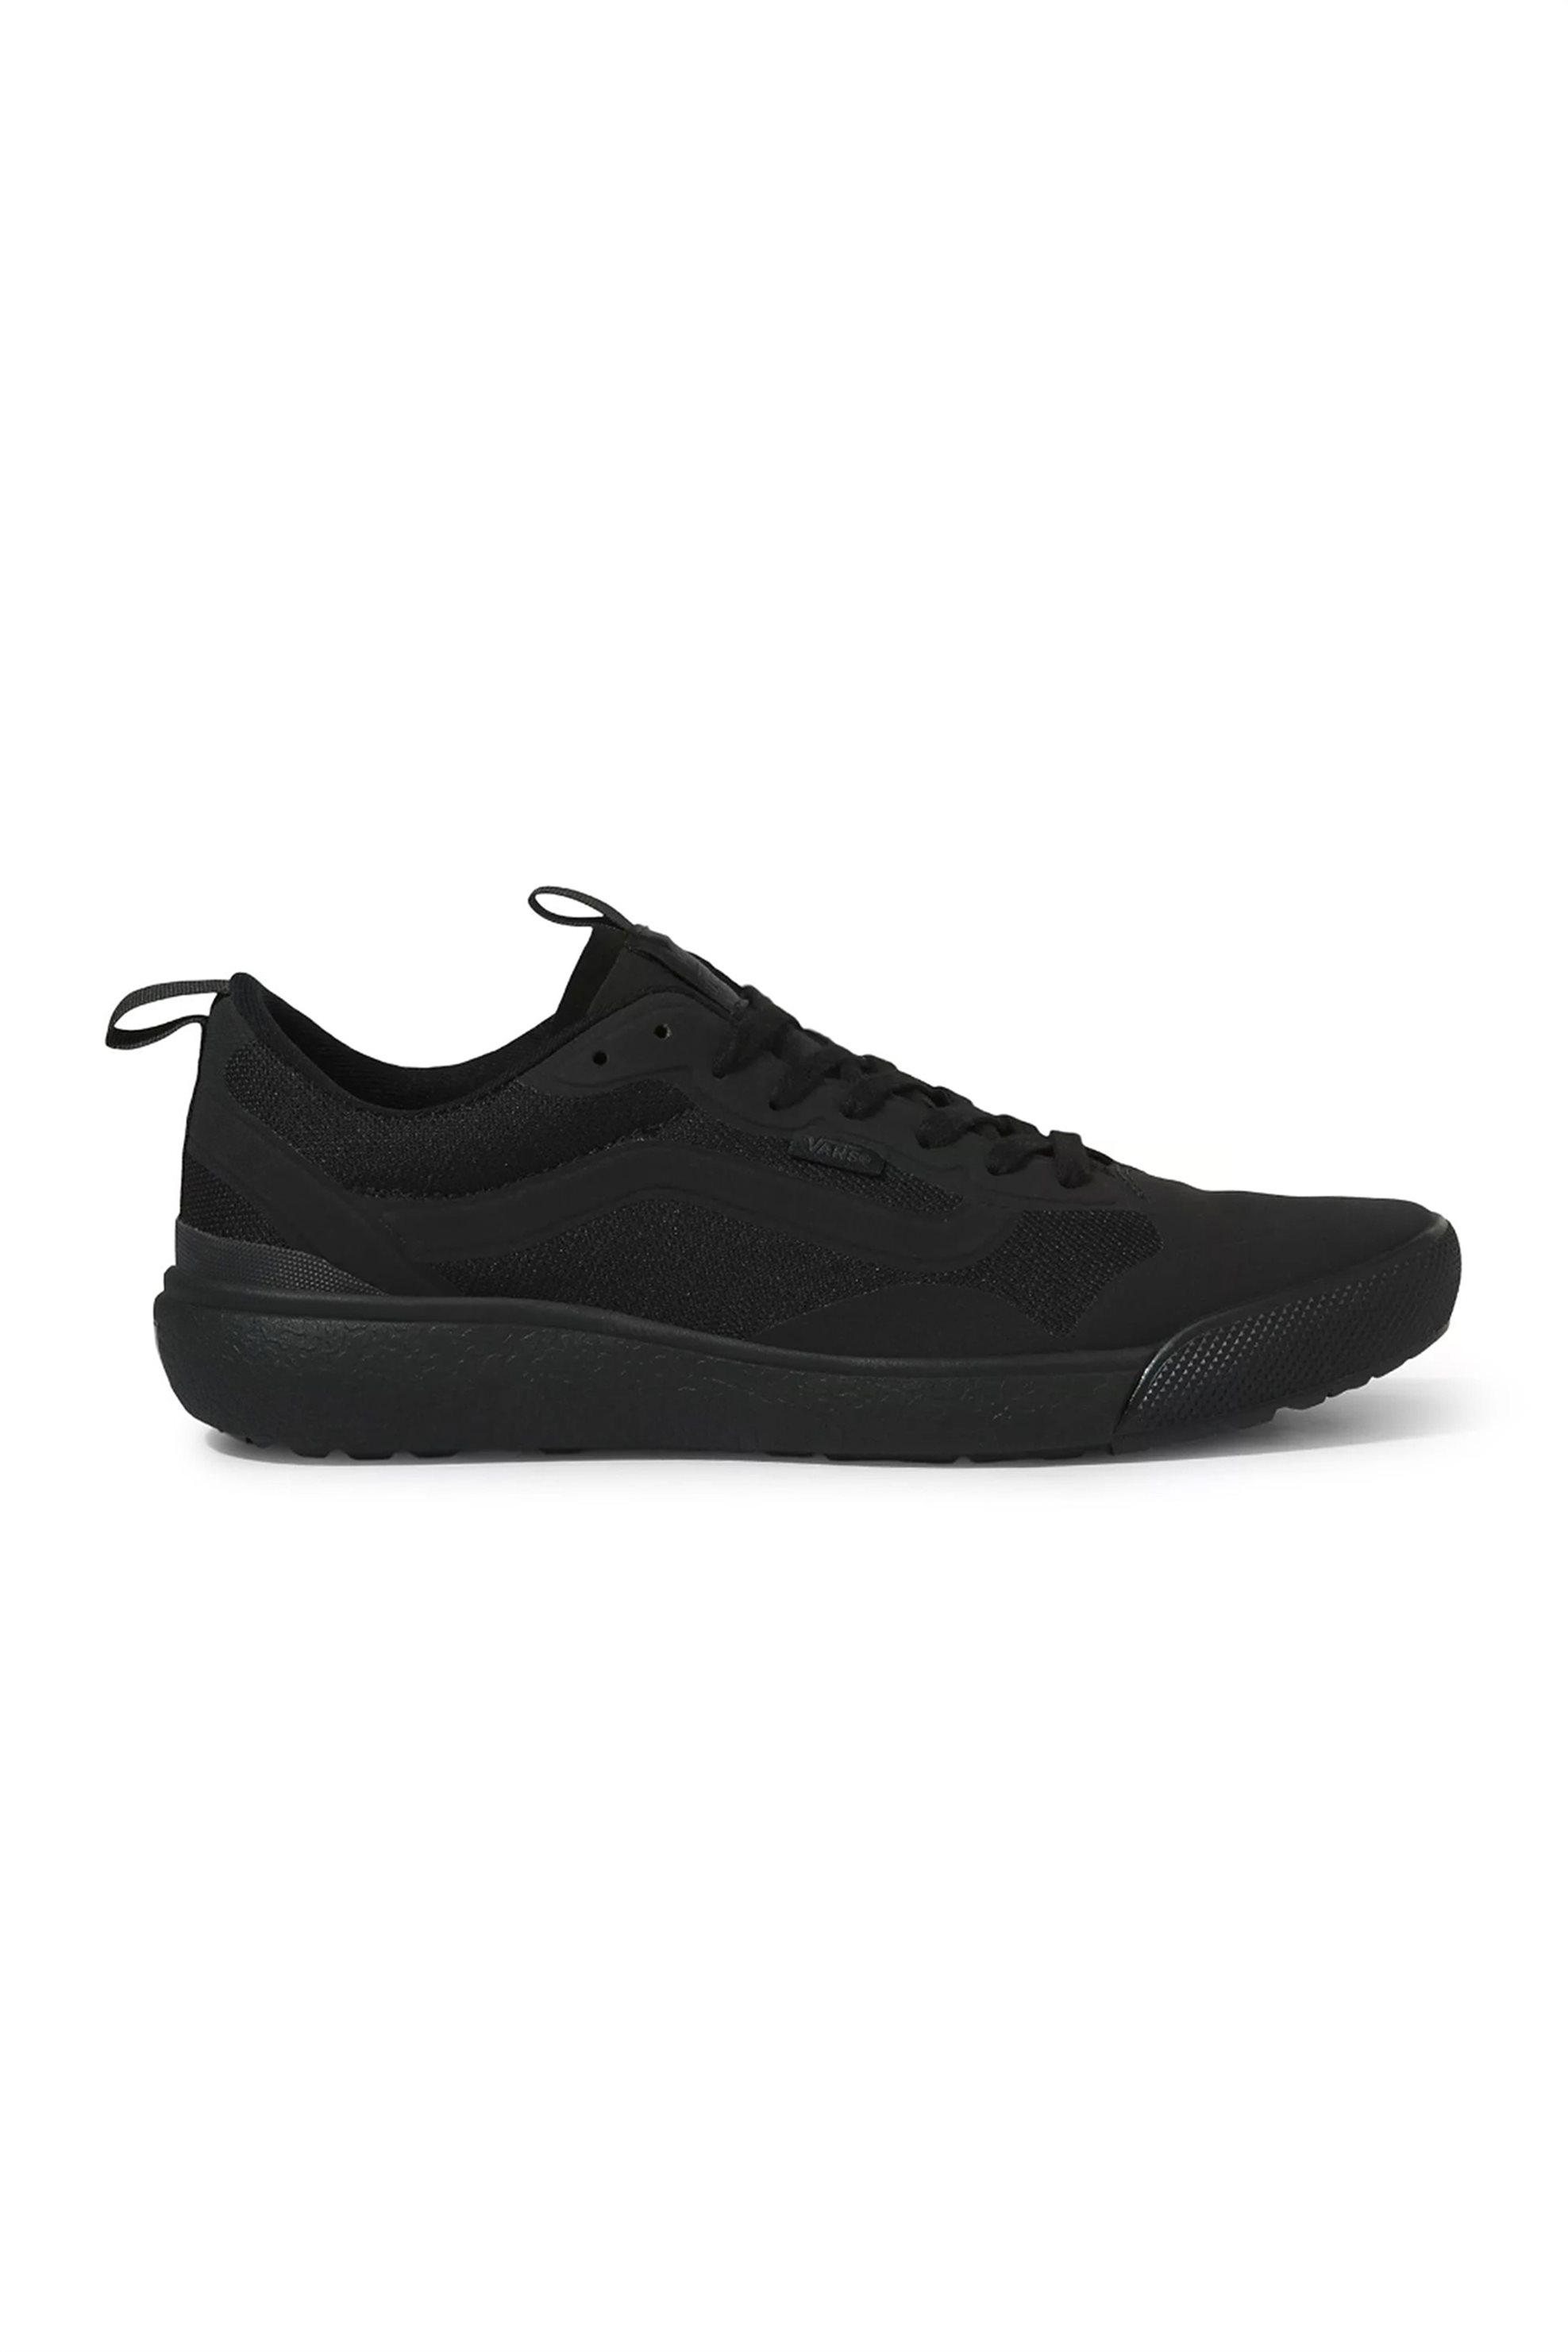 """Vans unisex sneakers """"Ultrarange Exo"""" – VN0A4U1KBJ41 – Μαύρο"""